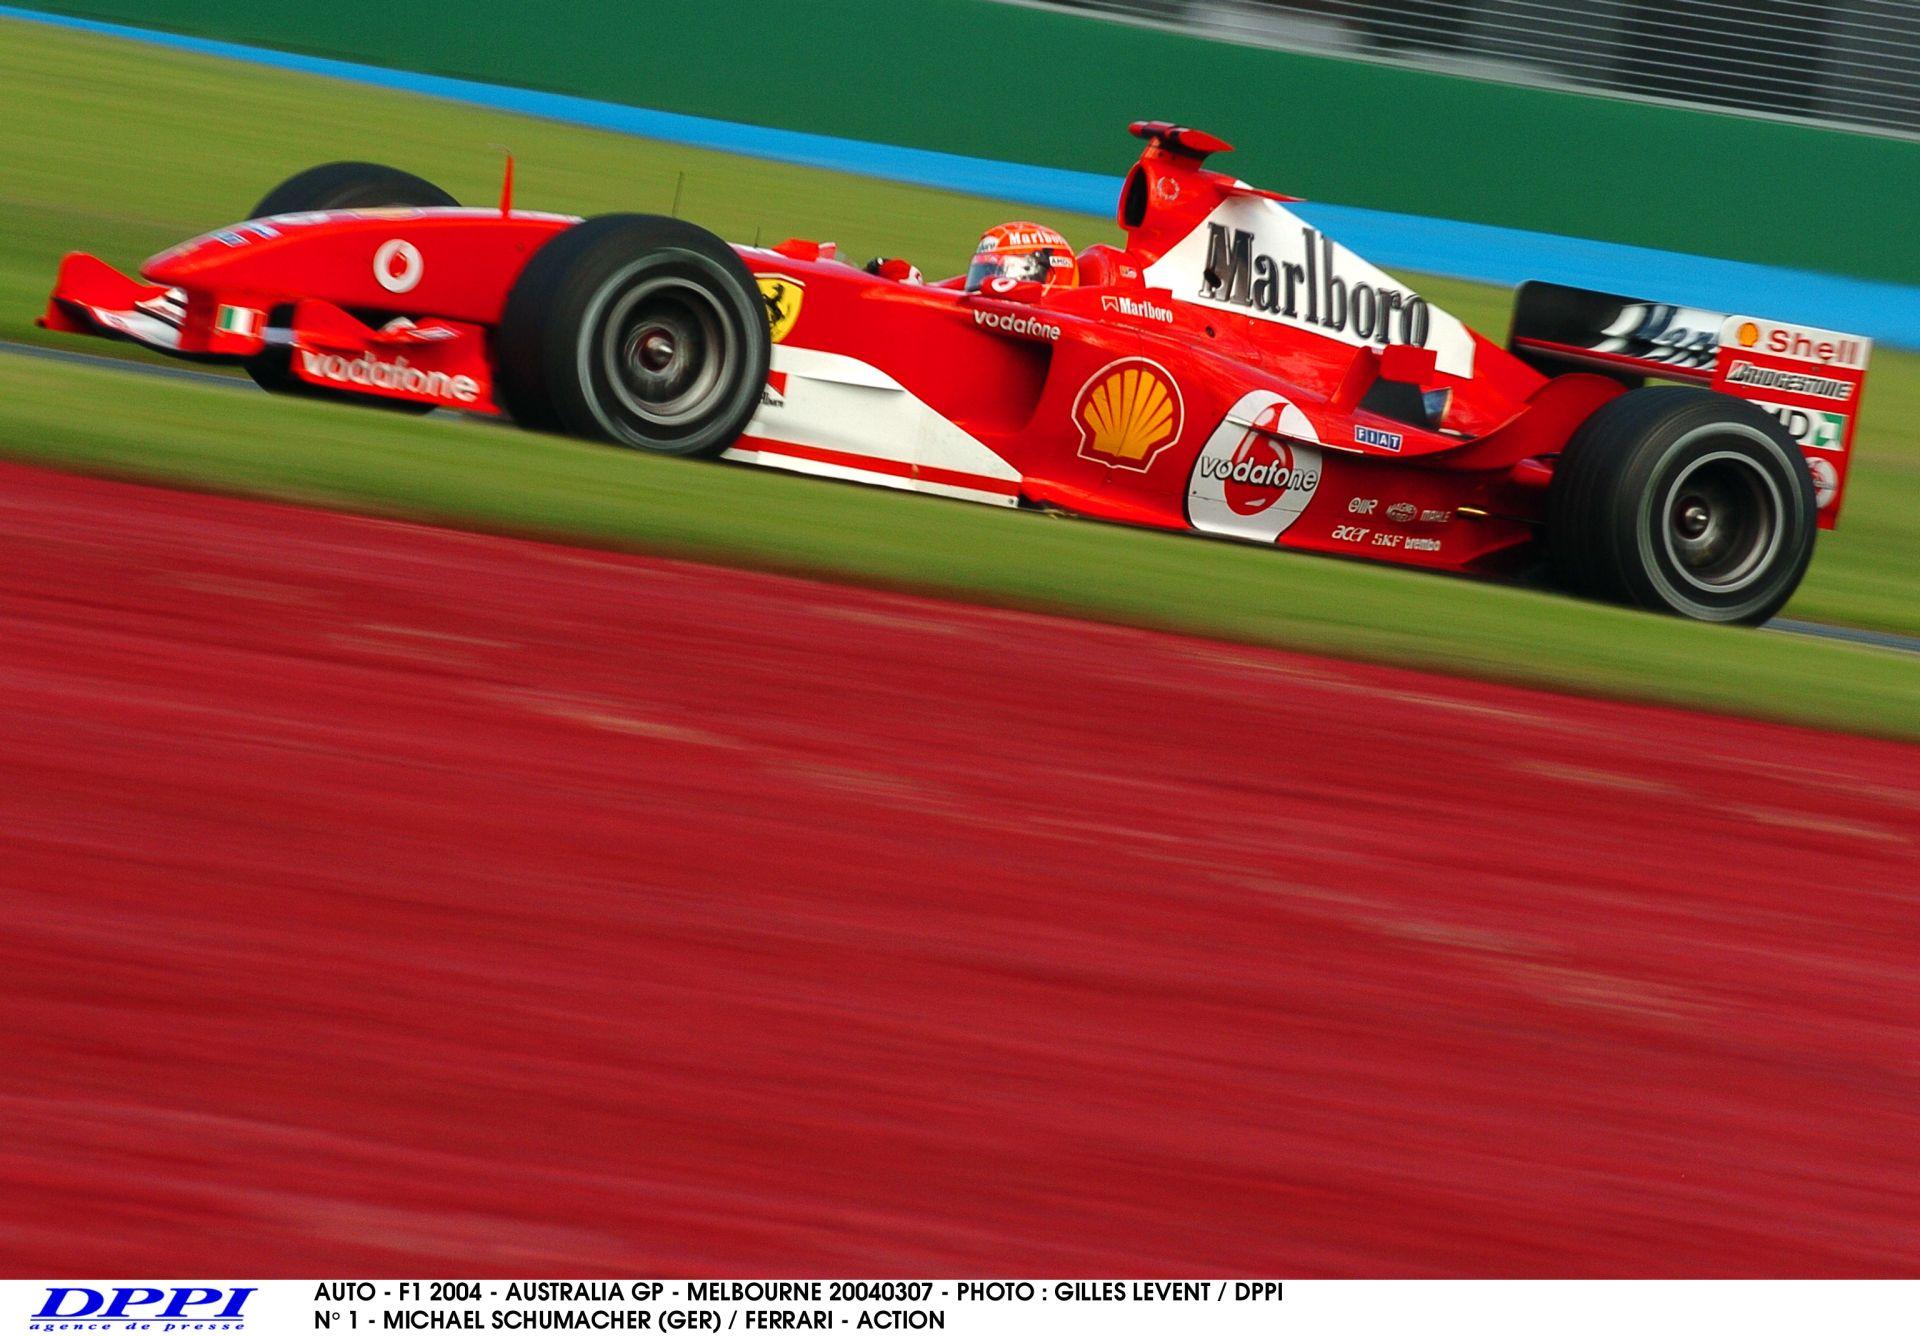 Schumacher pole köre a V10-es Ferrarival: Ausztrál Nagydíj, 2004